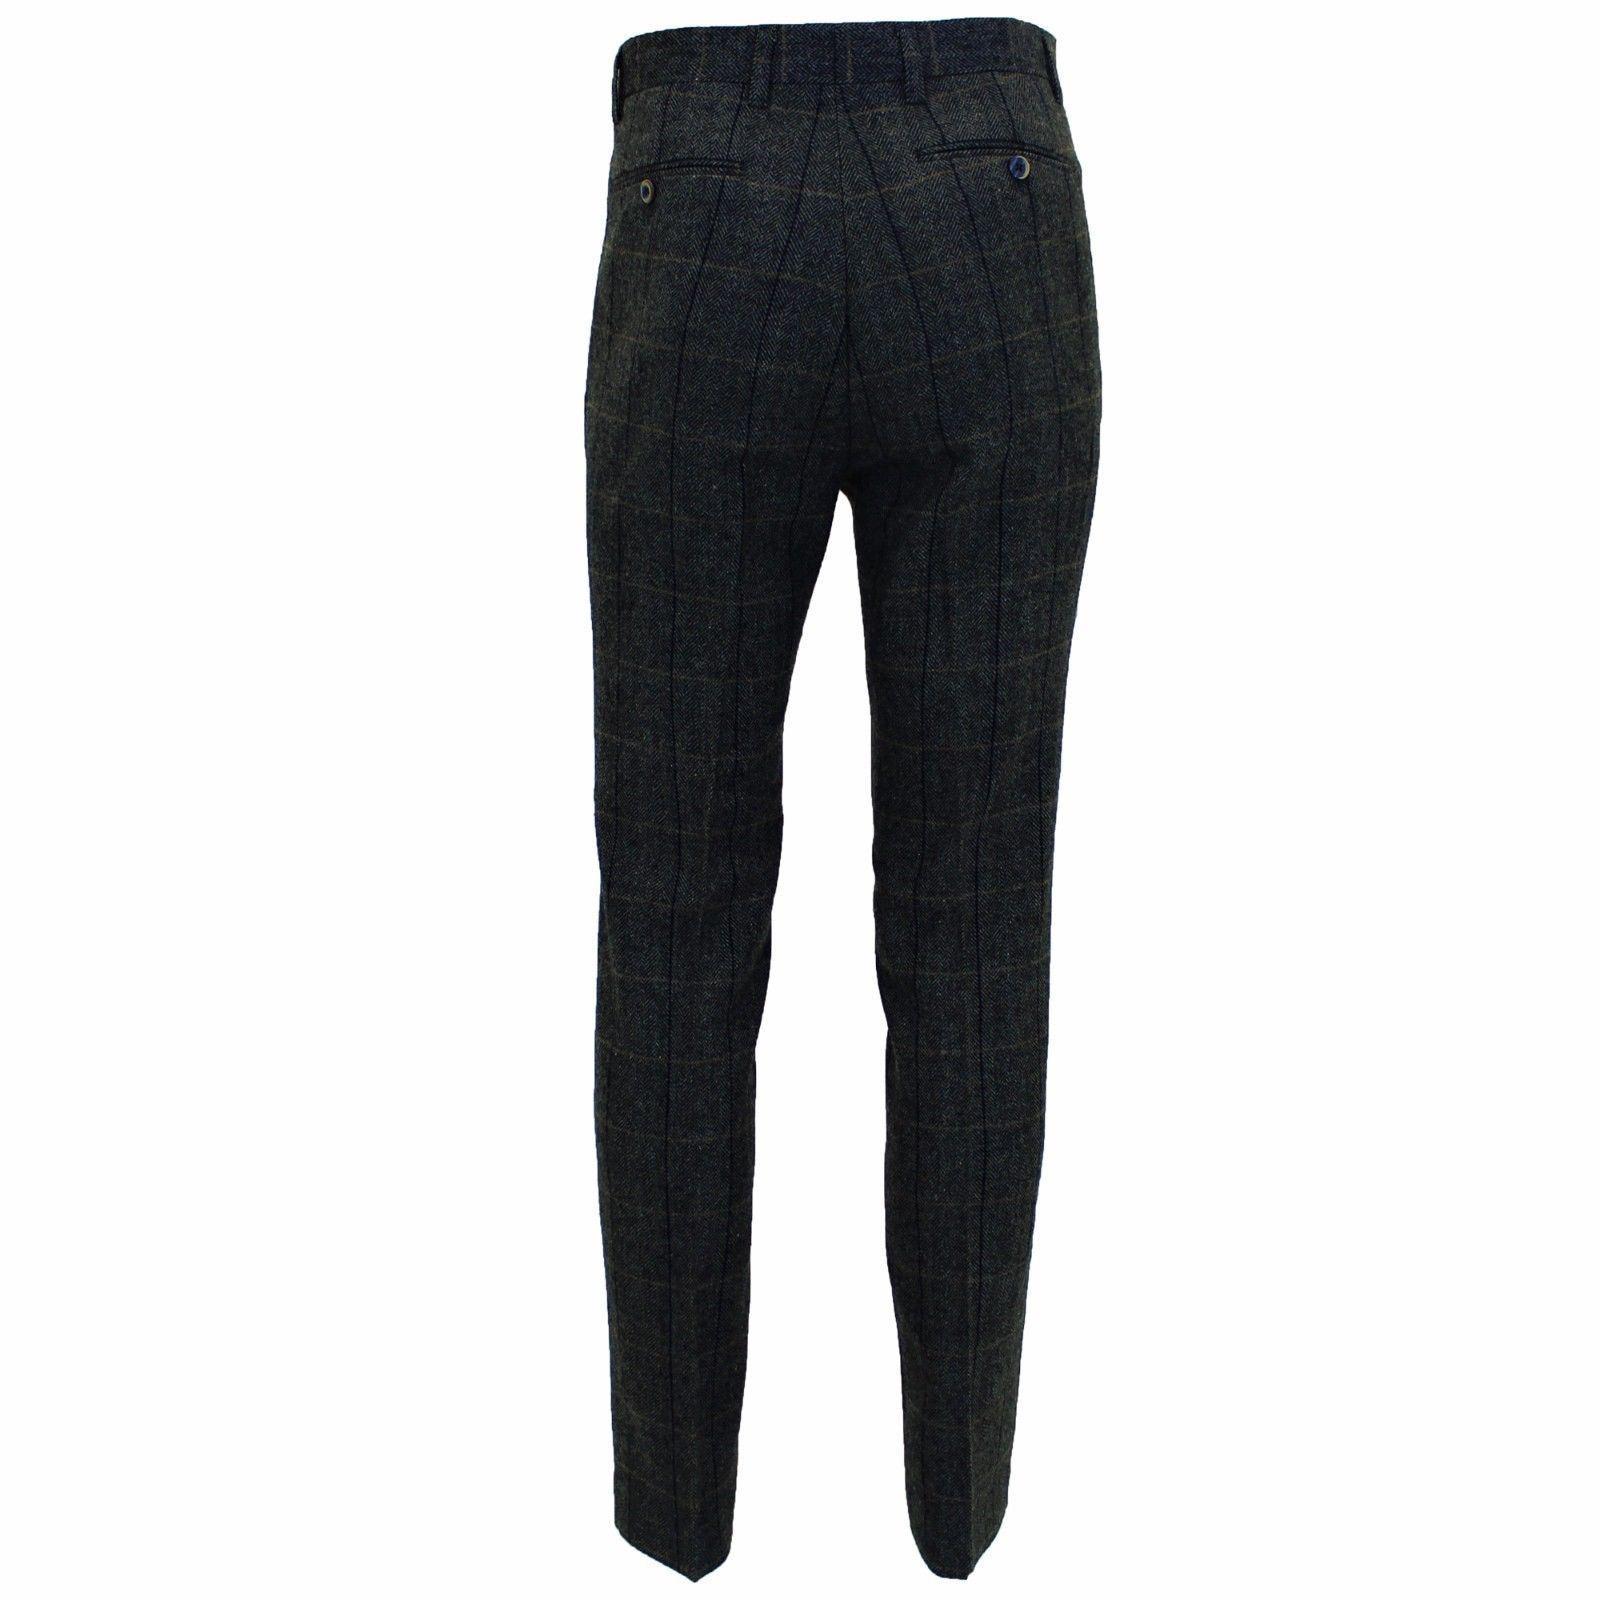 Mens-Cavani-Wool-Tweed-Blazer-Waistcoat-Trousers-3-Piece-Suit-Sold-Separately thumbnail 5